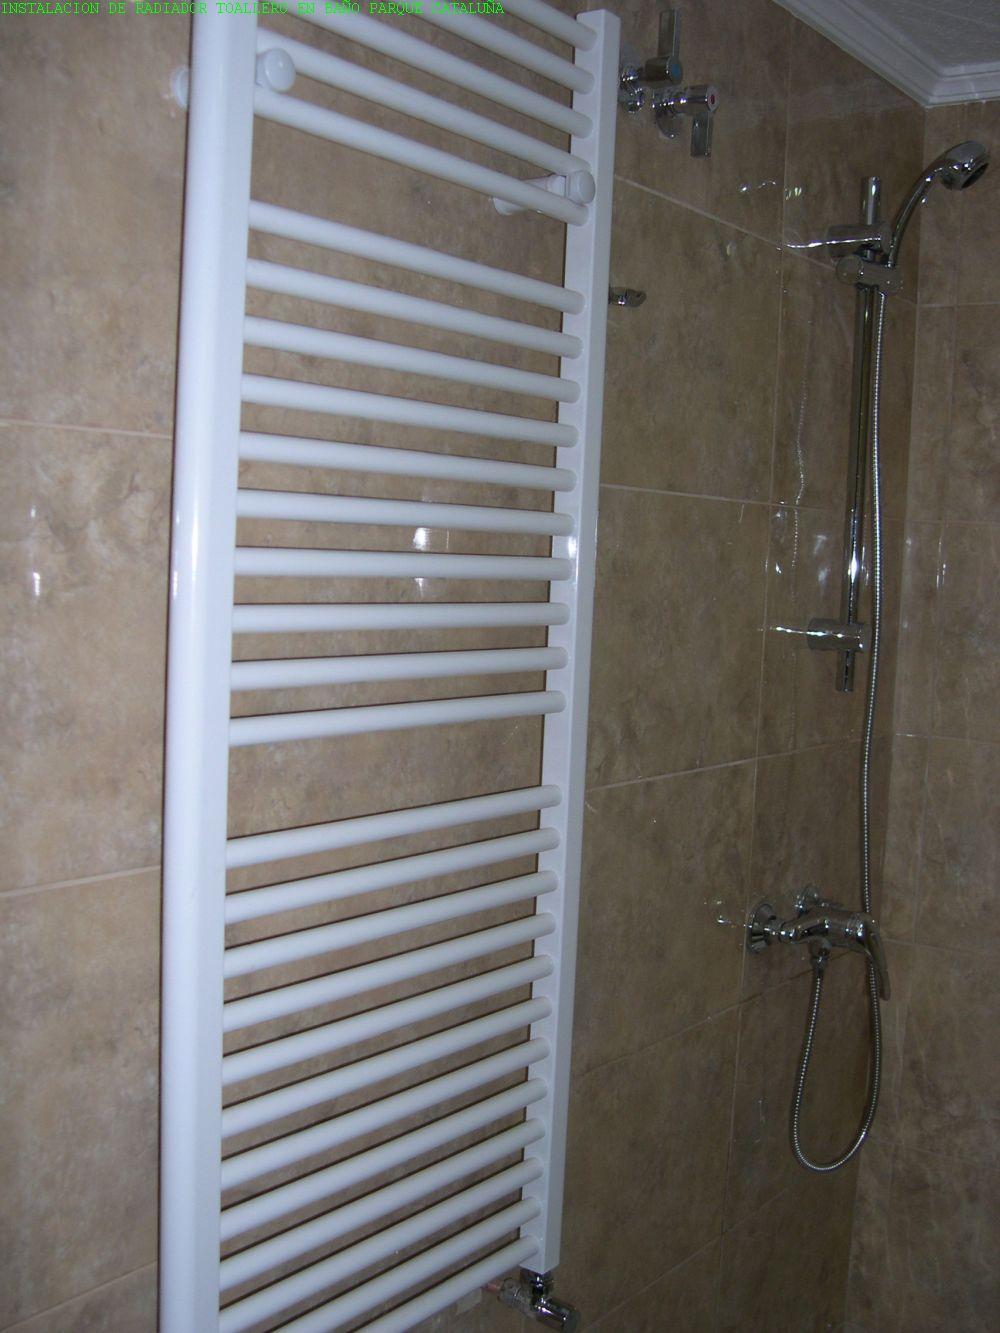 Suministro e instalacion radiador toallero - Purgar radiador toallero ...